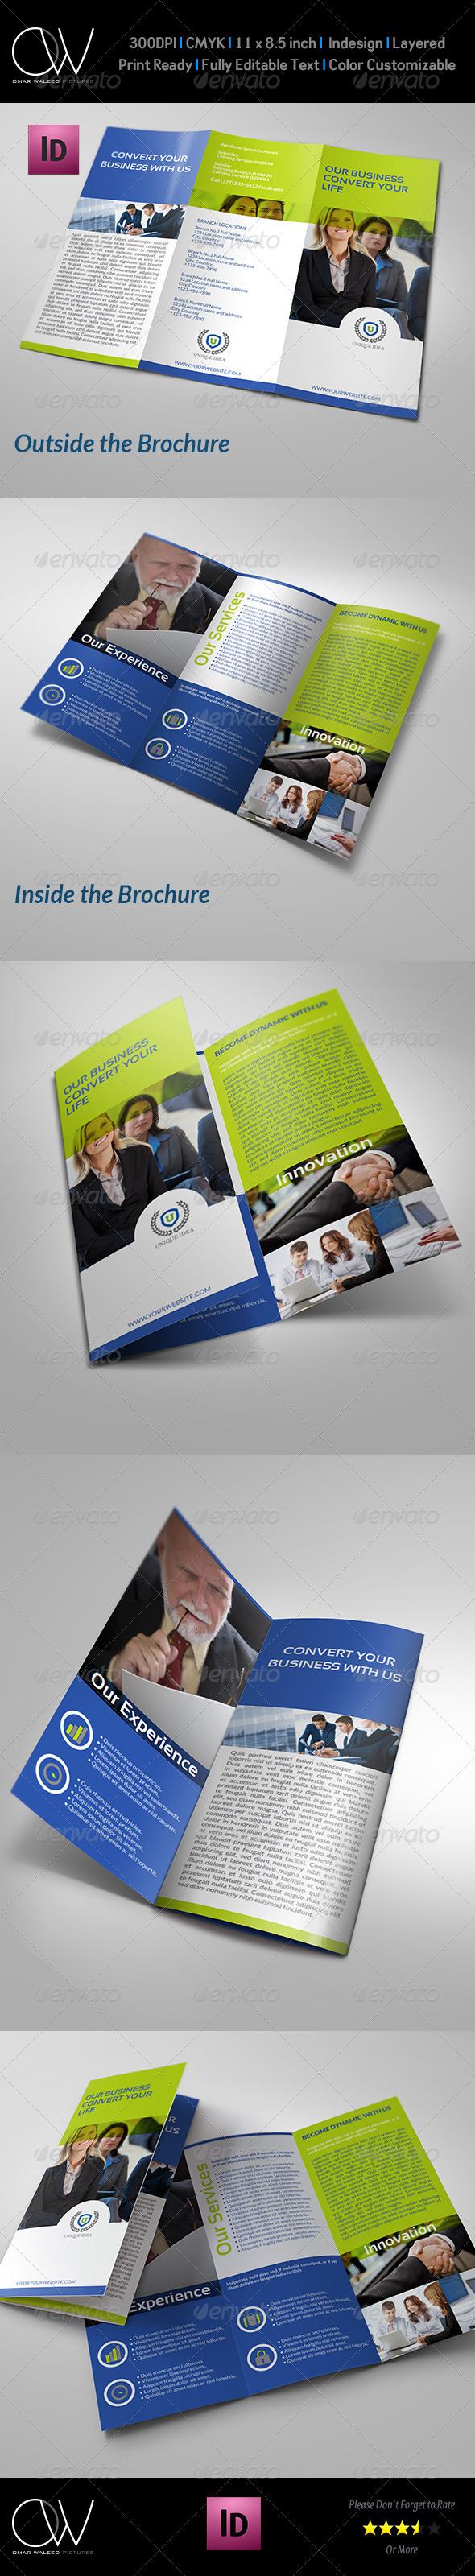 corporate-vol5